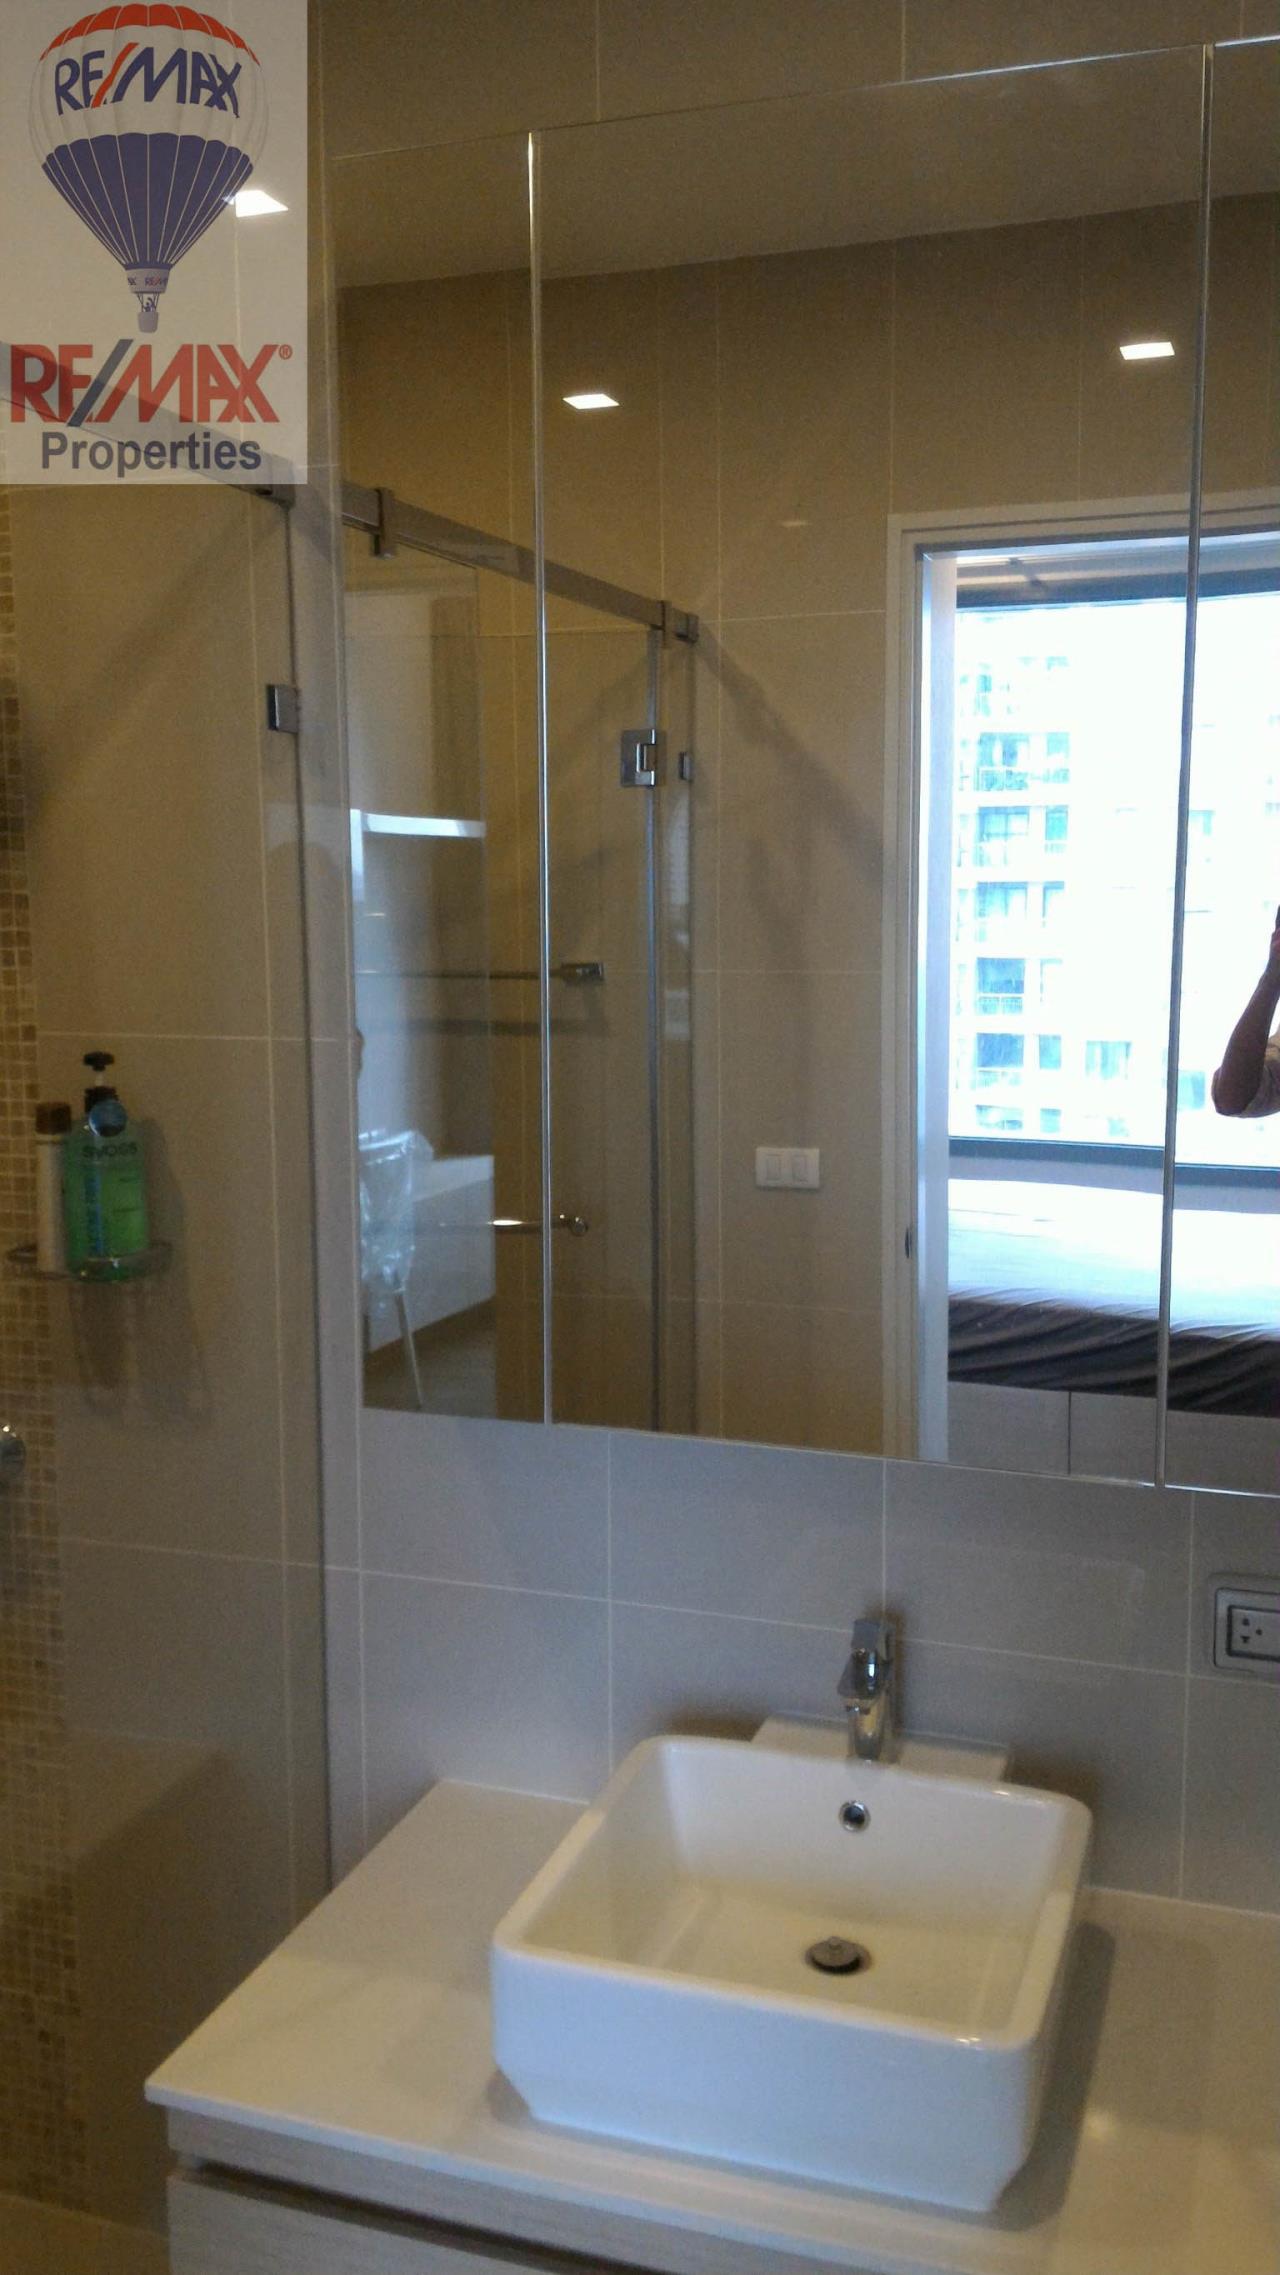 RE/MAX Properties Agency's Q Asoke 1 Bedroom For Rent 6